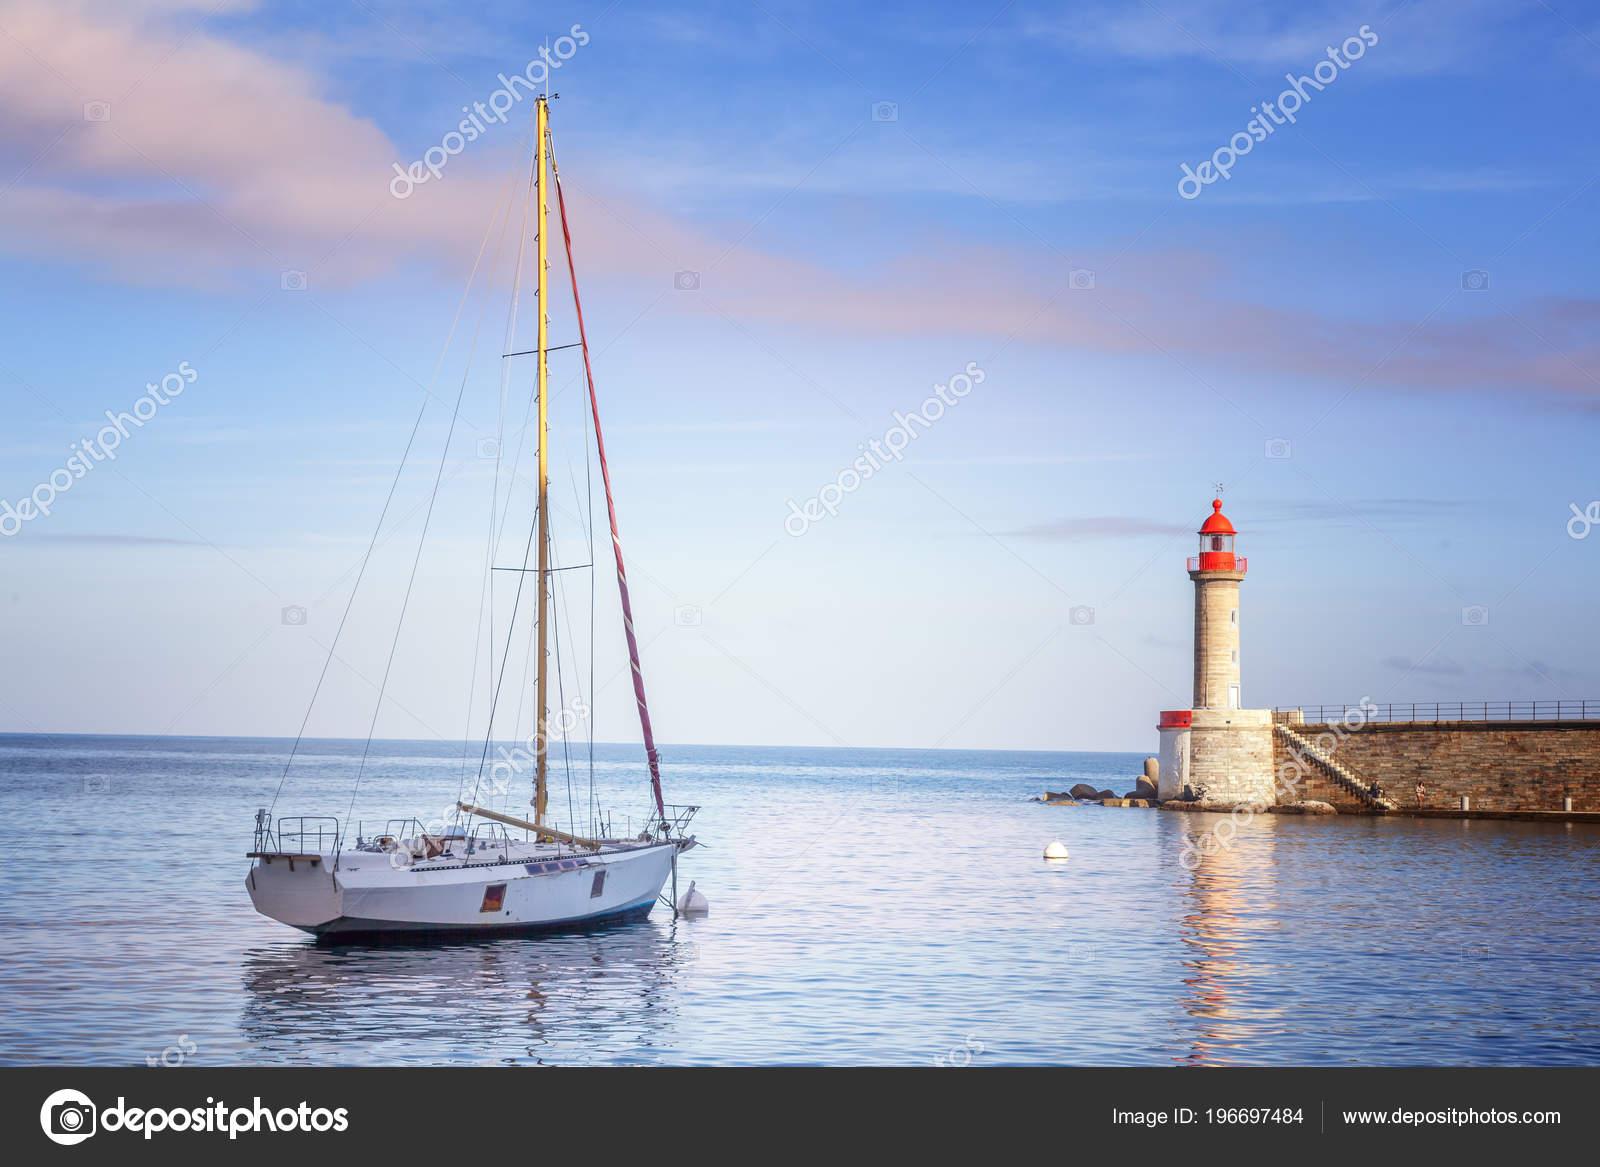 Foto Faro Bianco Bellissimo Yacht Sul Mare Sullo Sfondo Faro